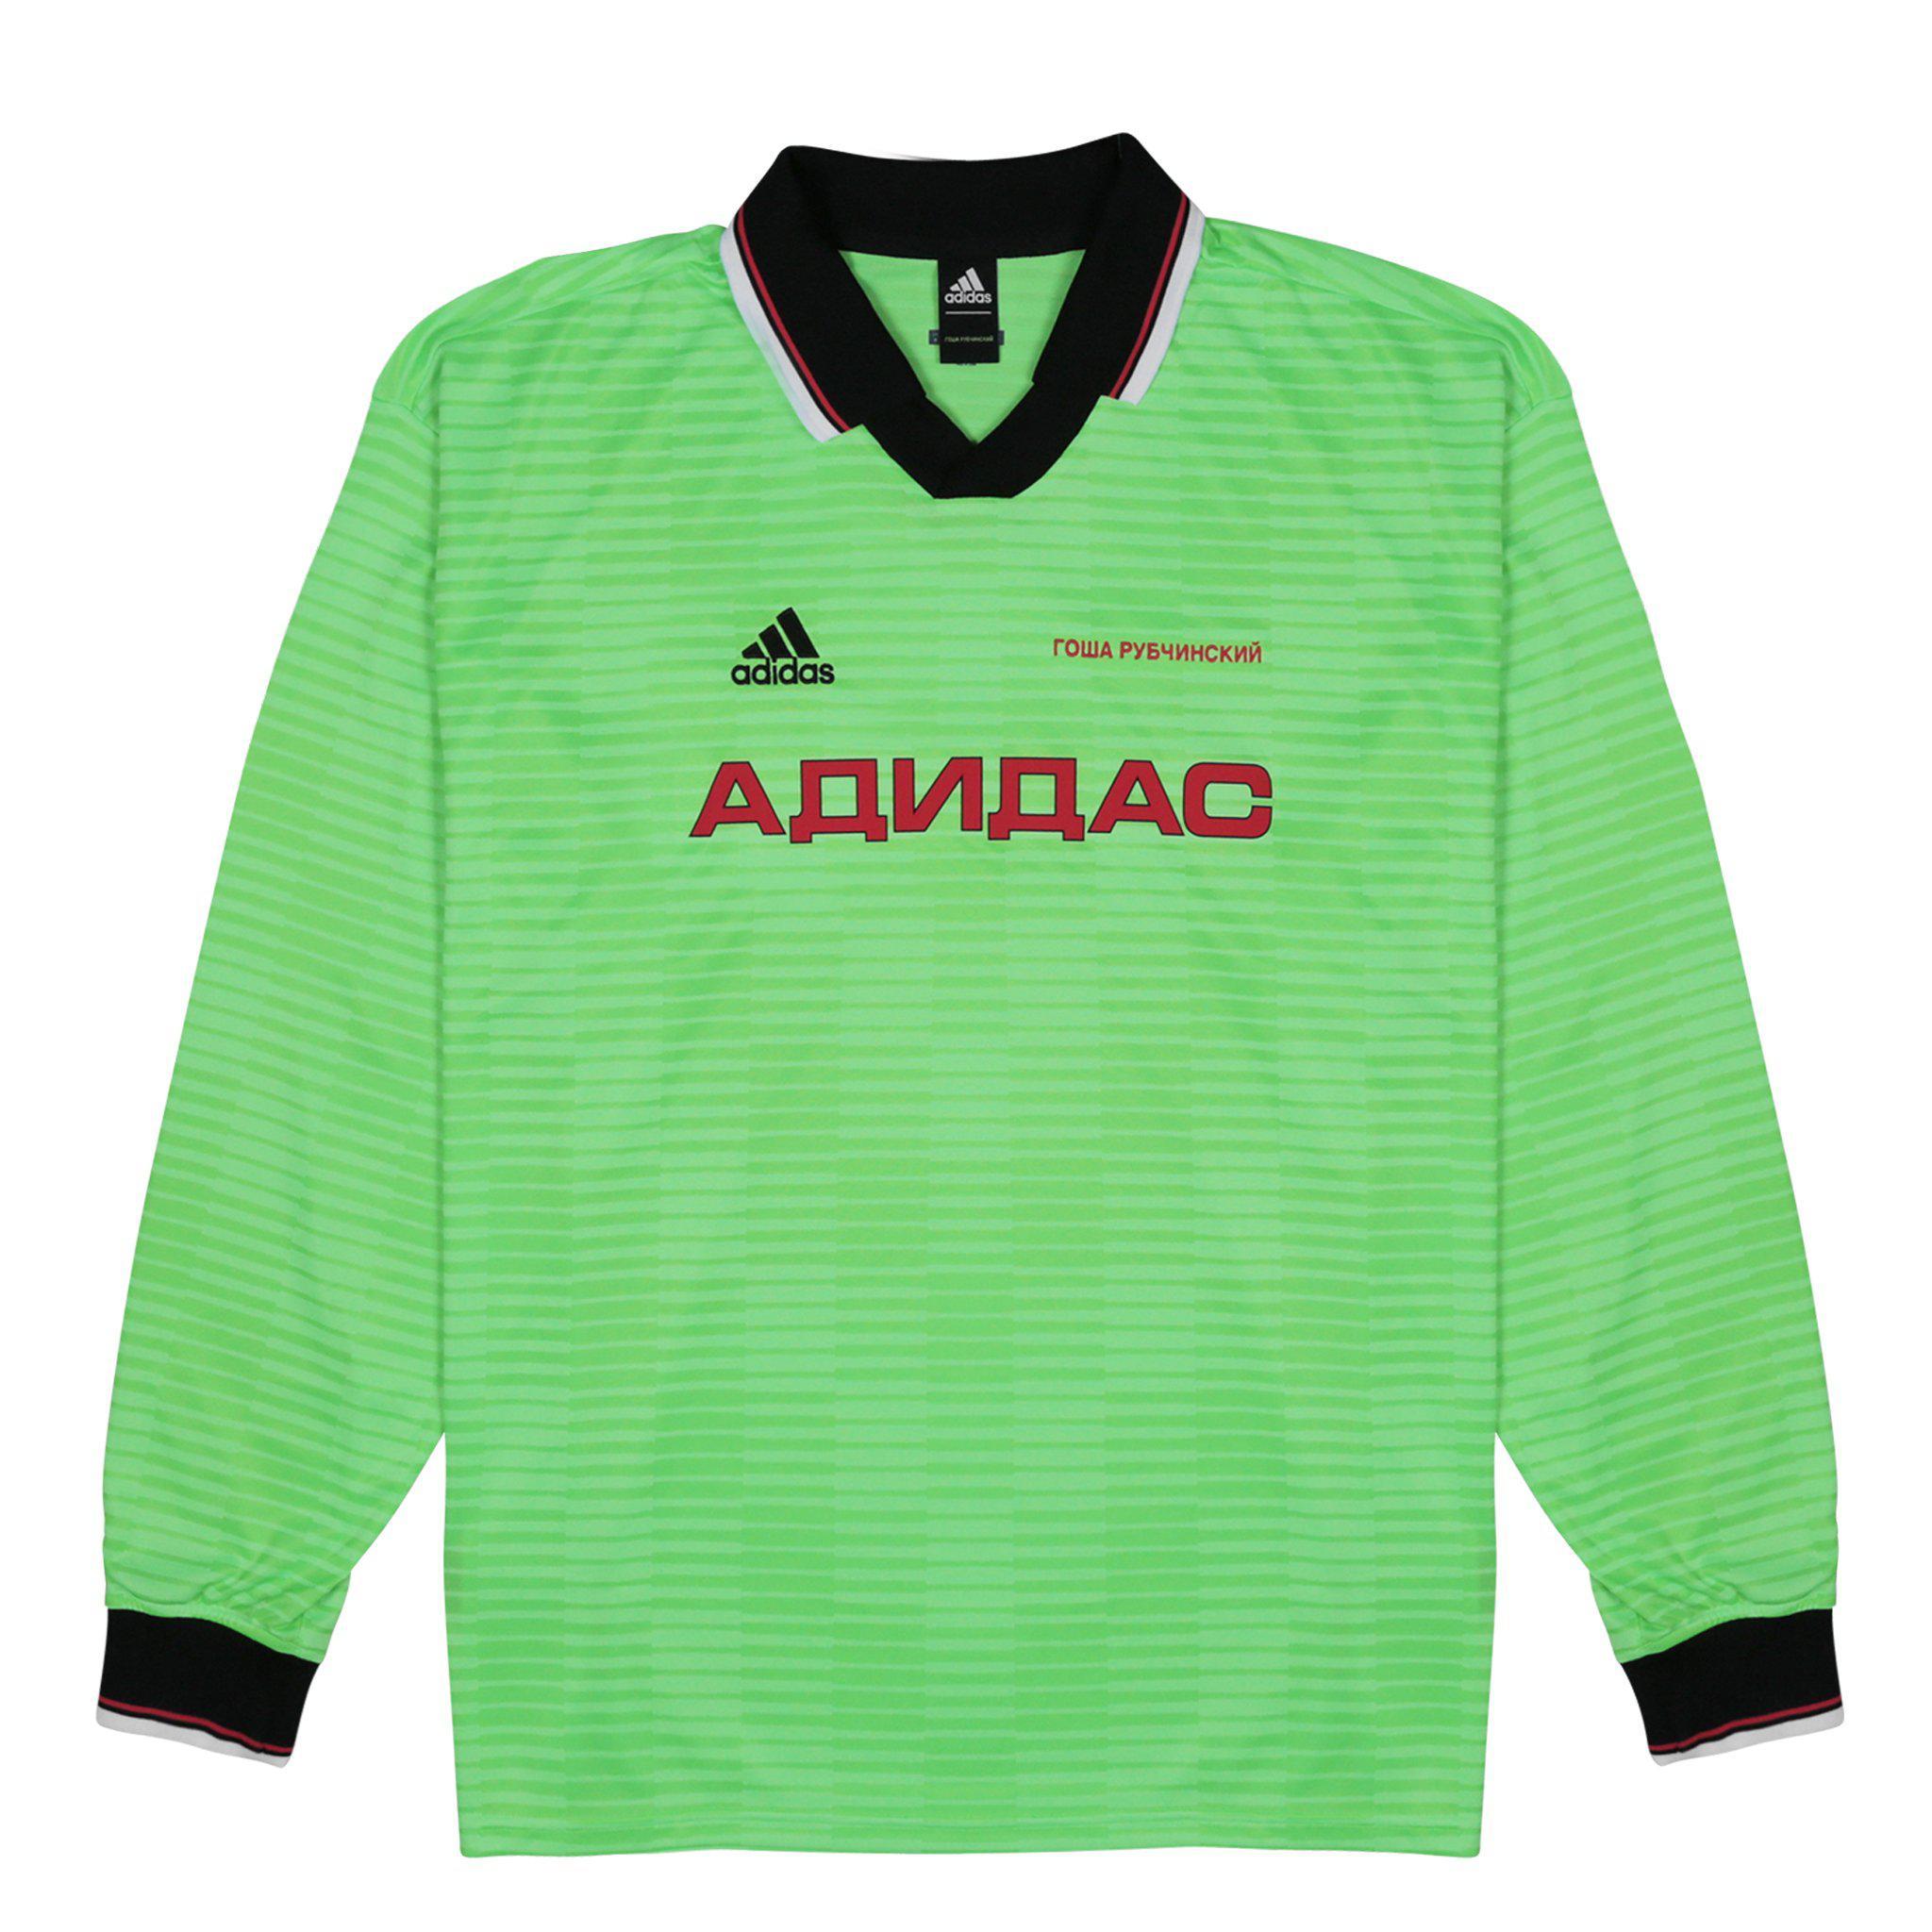 1c972474c Gosha Rubchinskiy Adidas Soccer Polo Shirt in Green for Men - Lyst